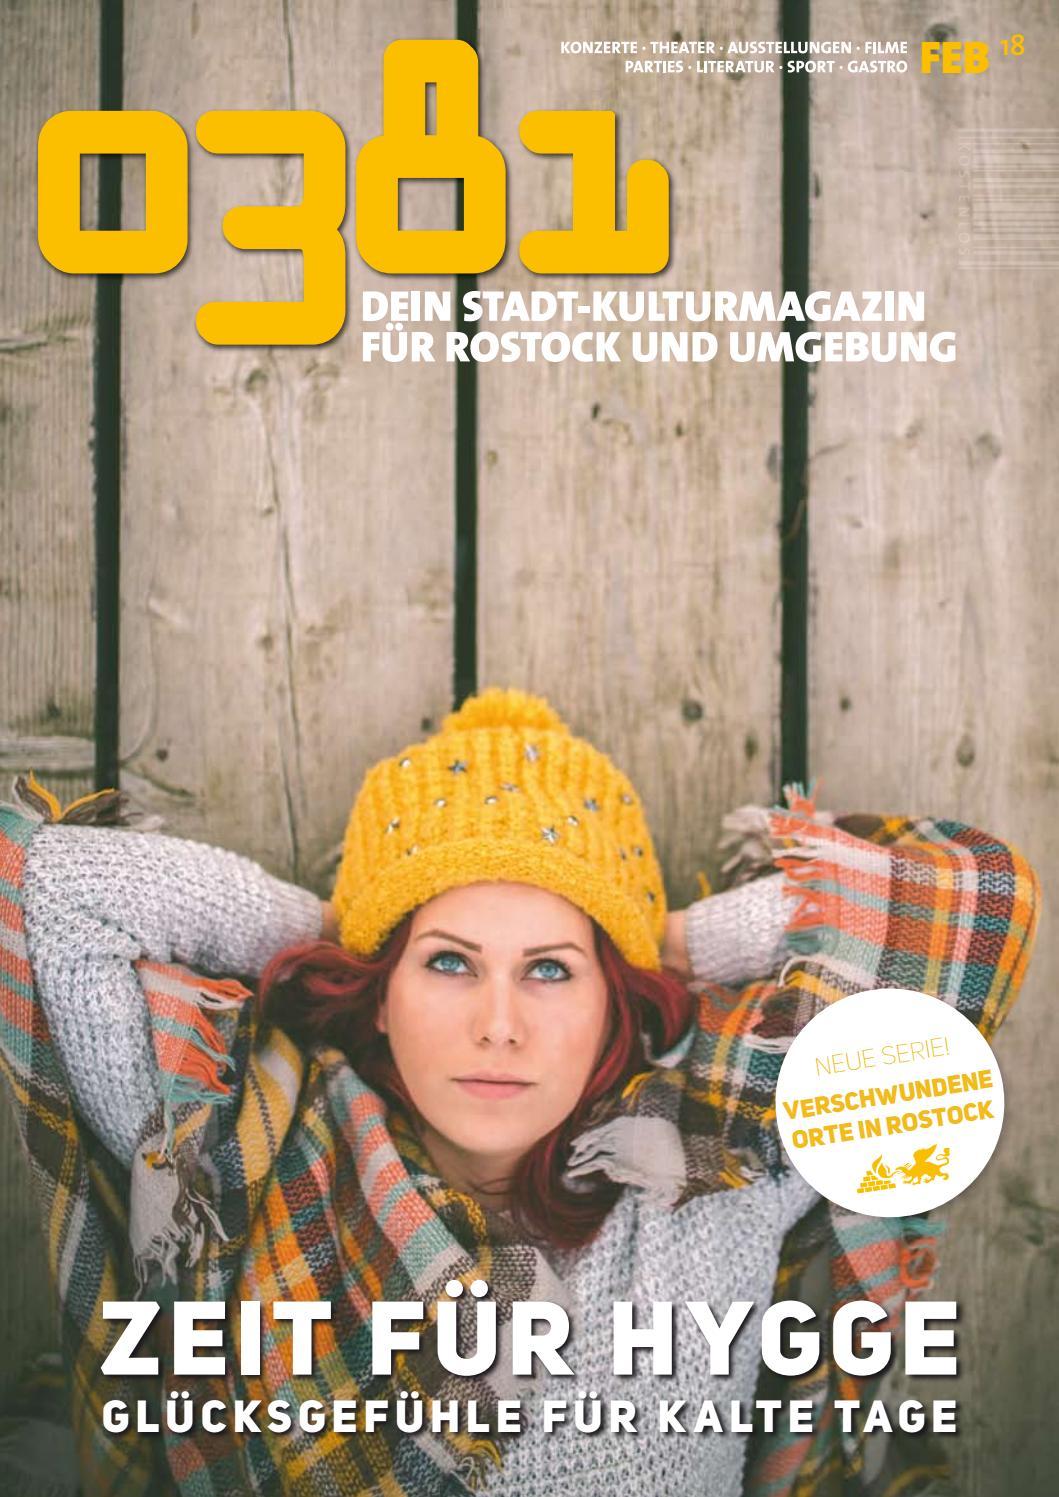 0381 – Dein StadtKulturMagazin für Rostock und Umgebung by